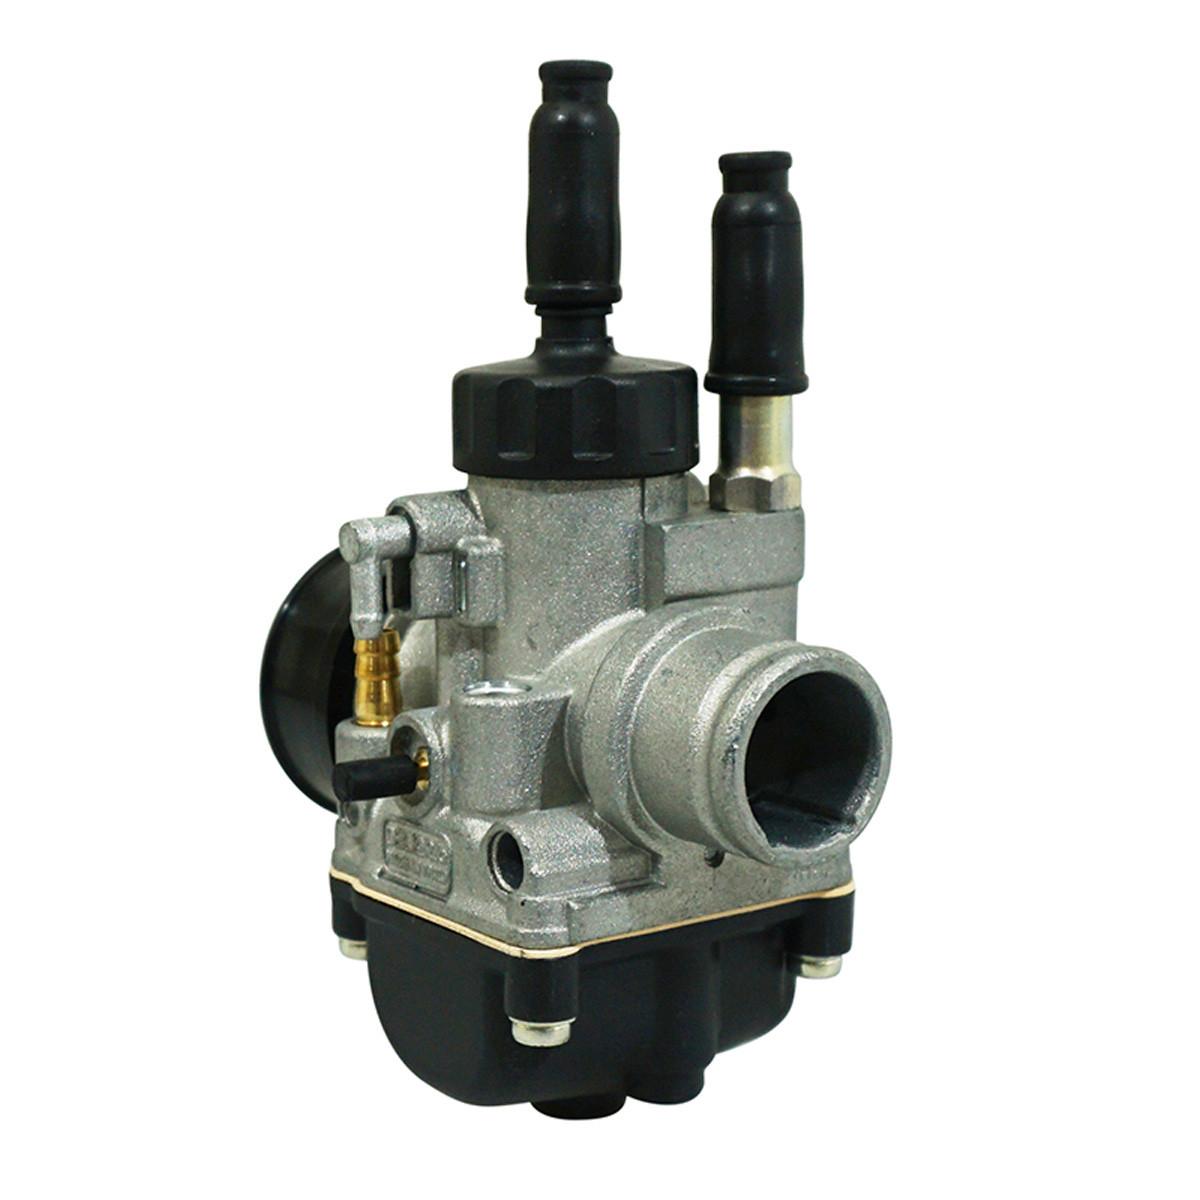 Carburateur 19mm PHBG DS - Dellorto Montage souple / Starter à câble / Graissage séparé / Couvercle Rond